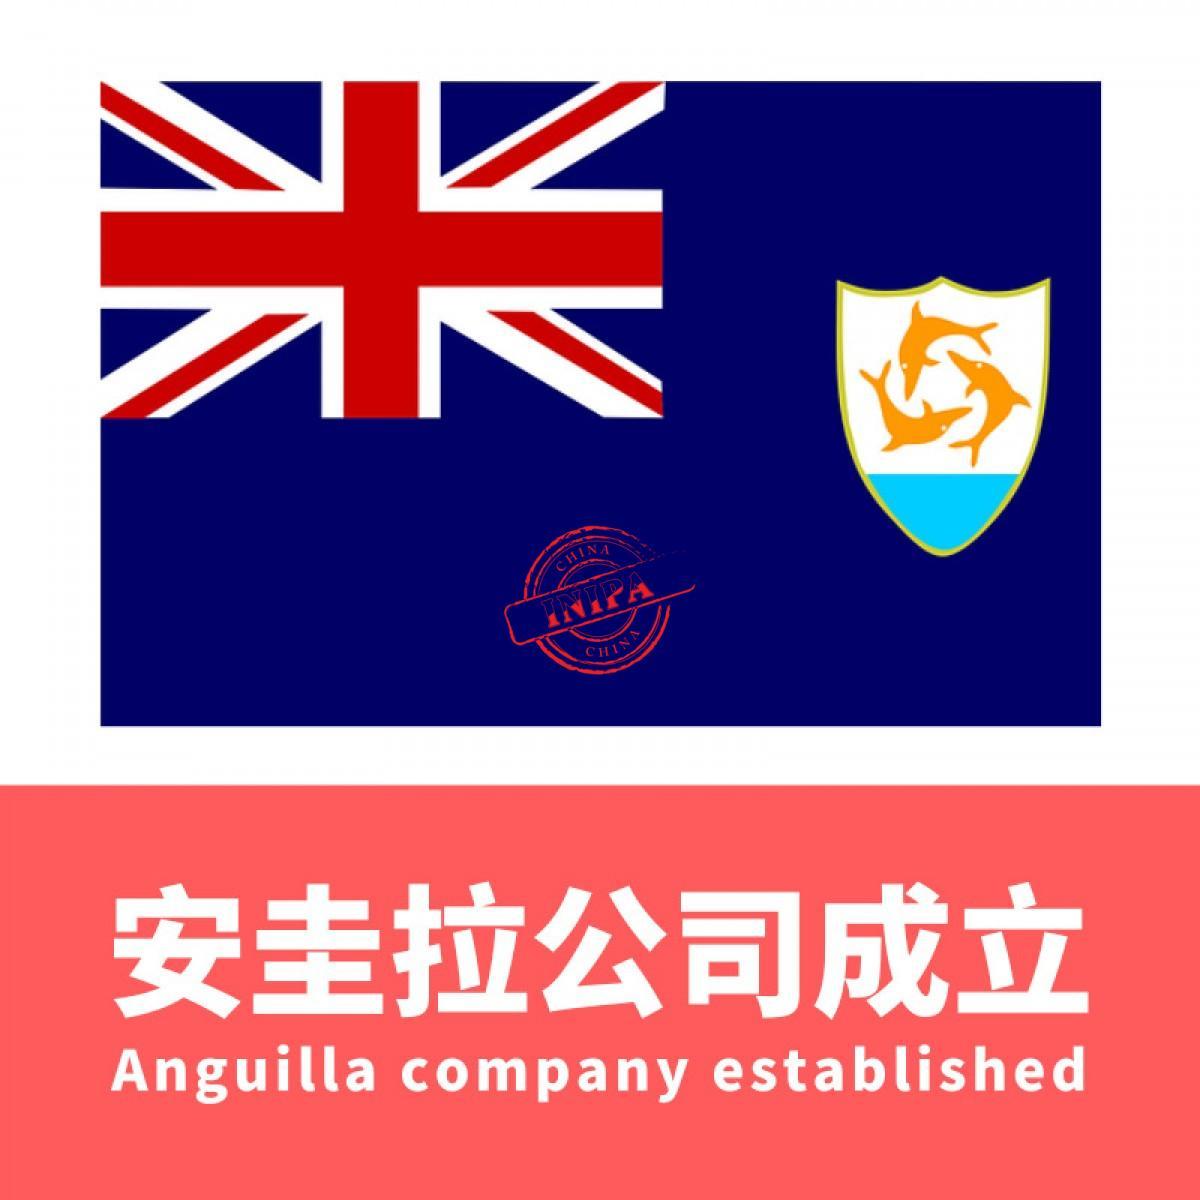 安圭拉公司成立/Anguilla company established